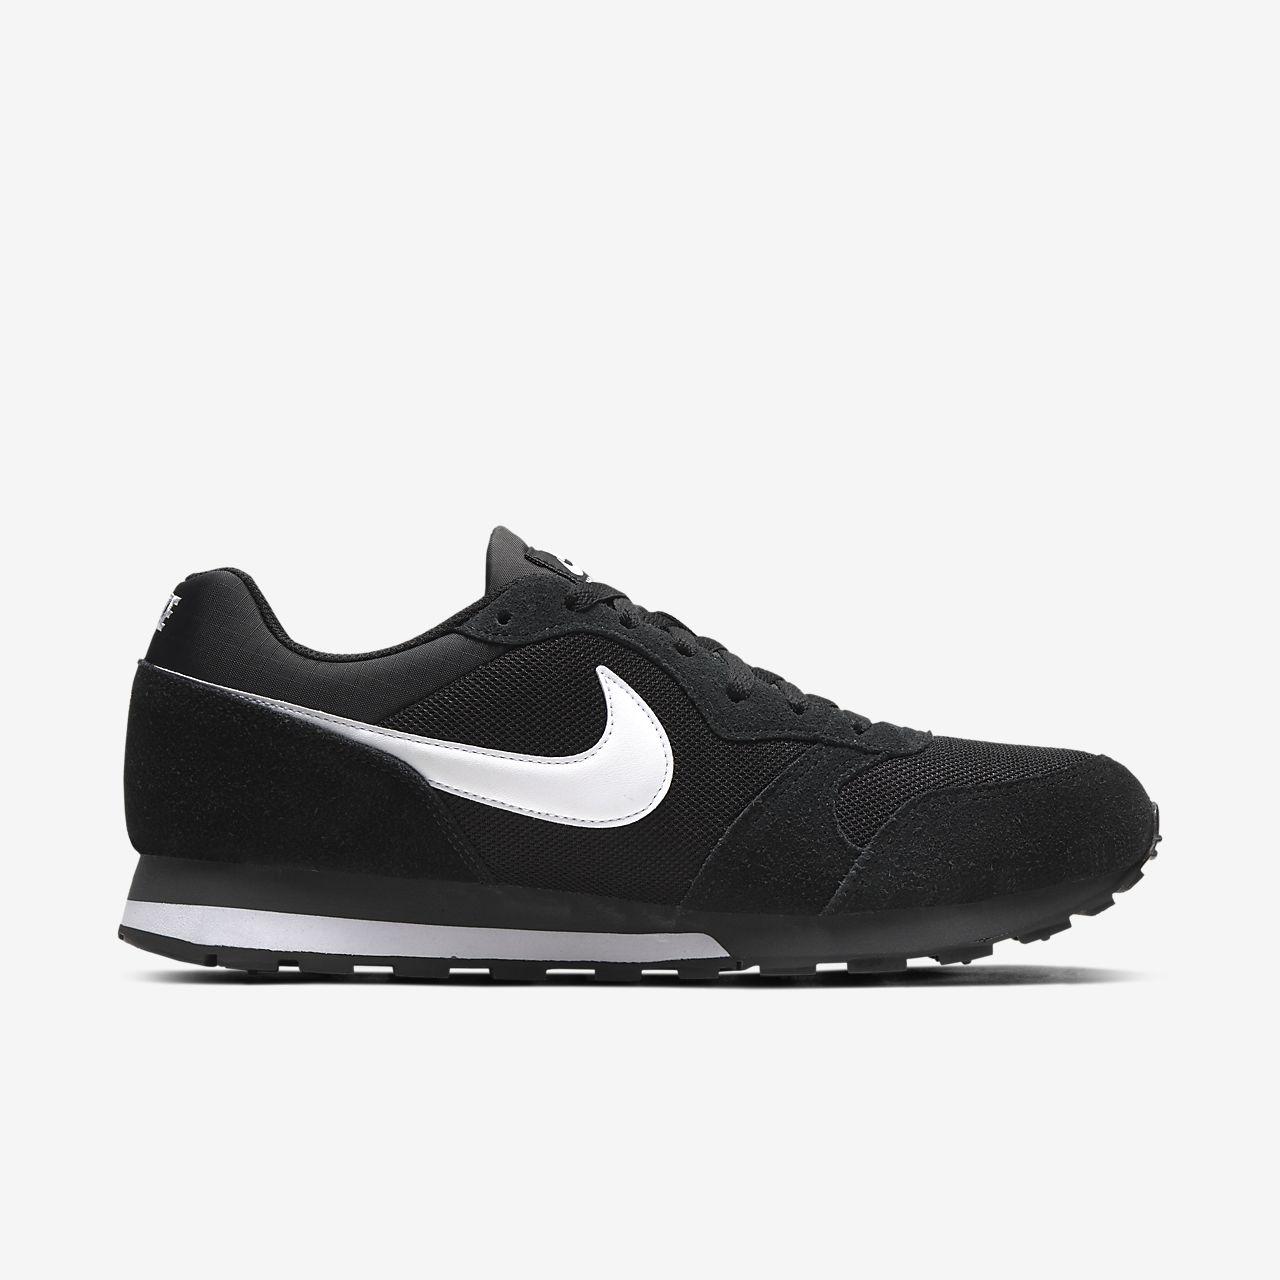 ... Nike MD Runner 2 Zapatillas - Hombre